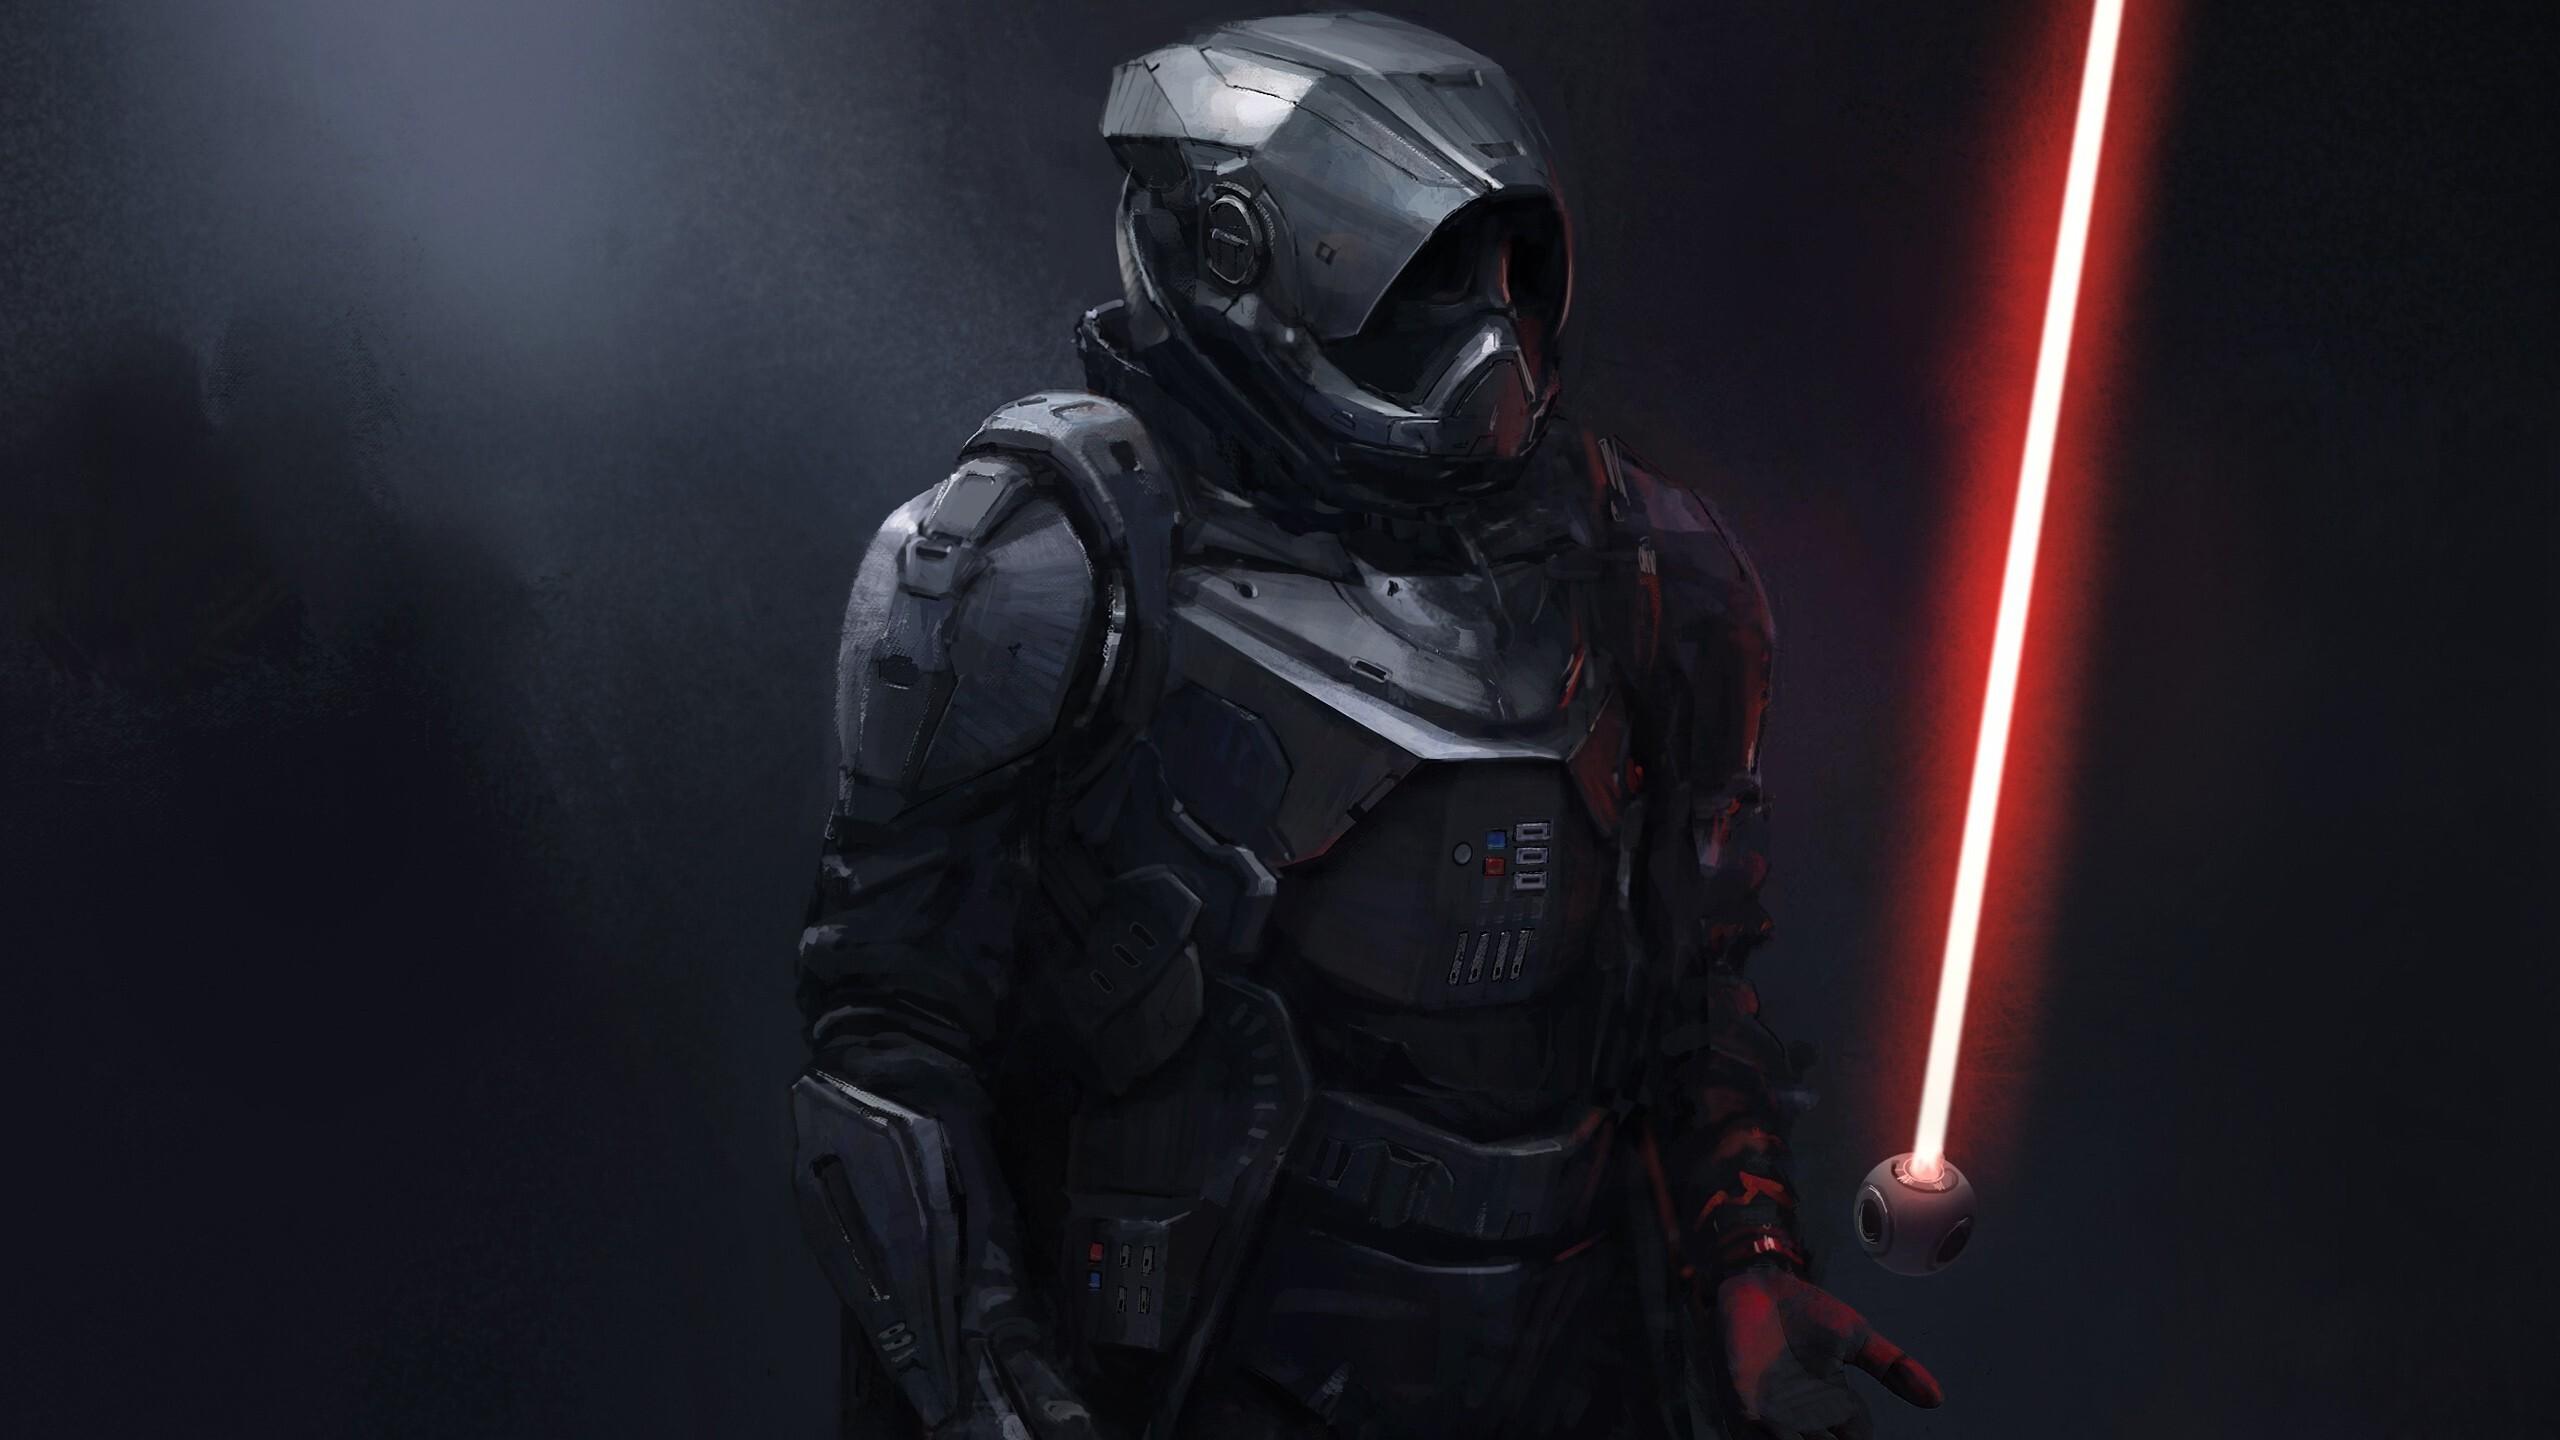 2560x1440 Darth Vader Star Wars 1440P Resolution HD 4k